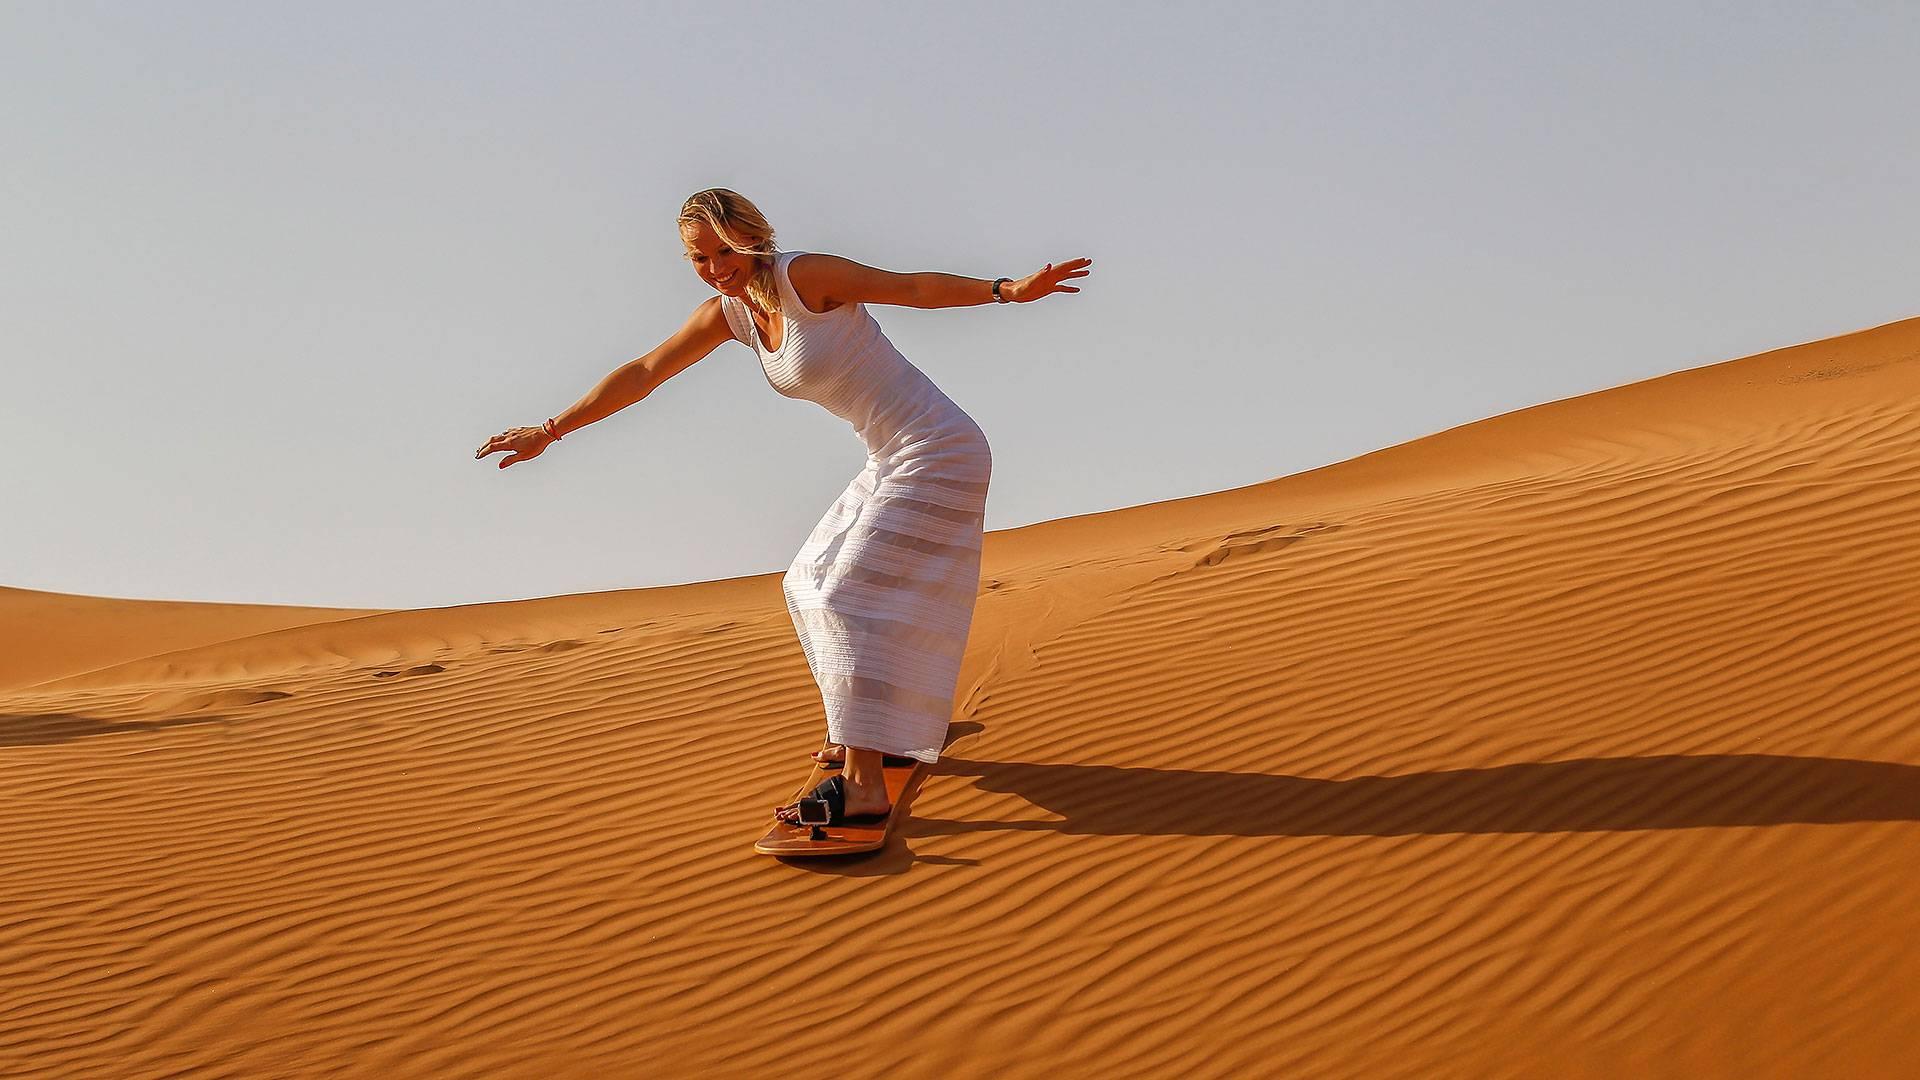 Sand Boarding in Merzouga